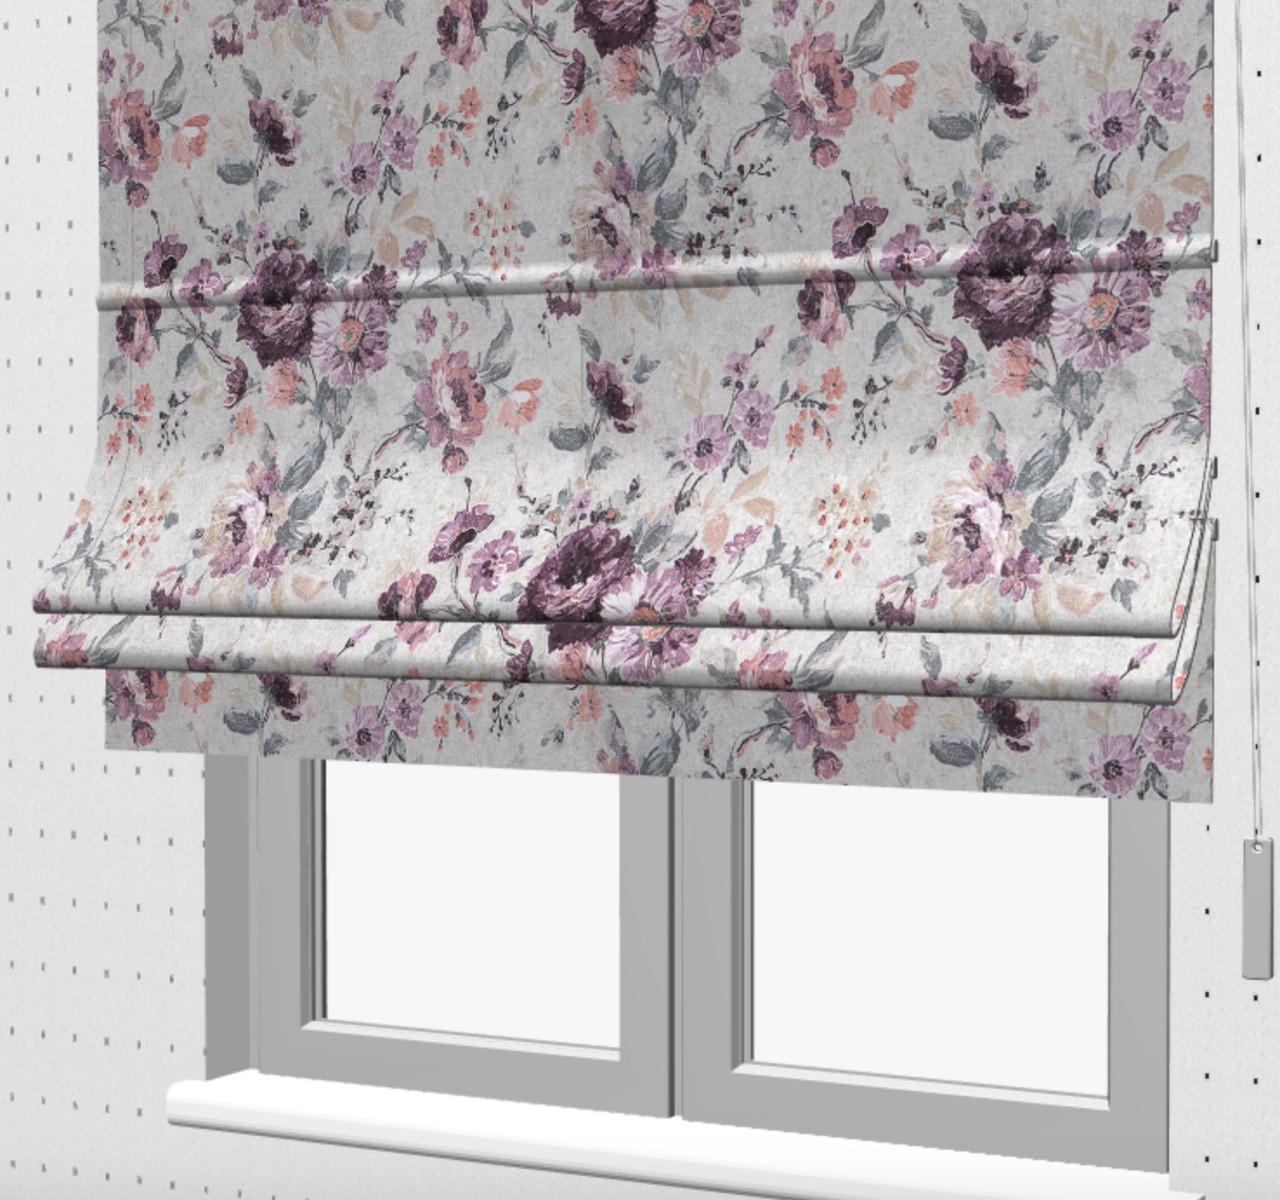 Римская штора для кухни 400257v2